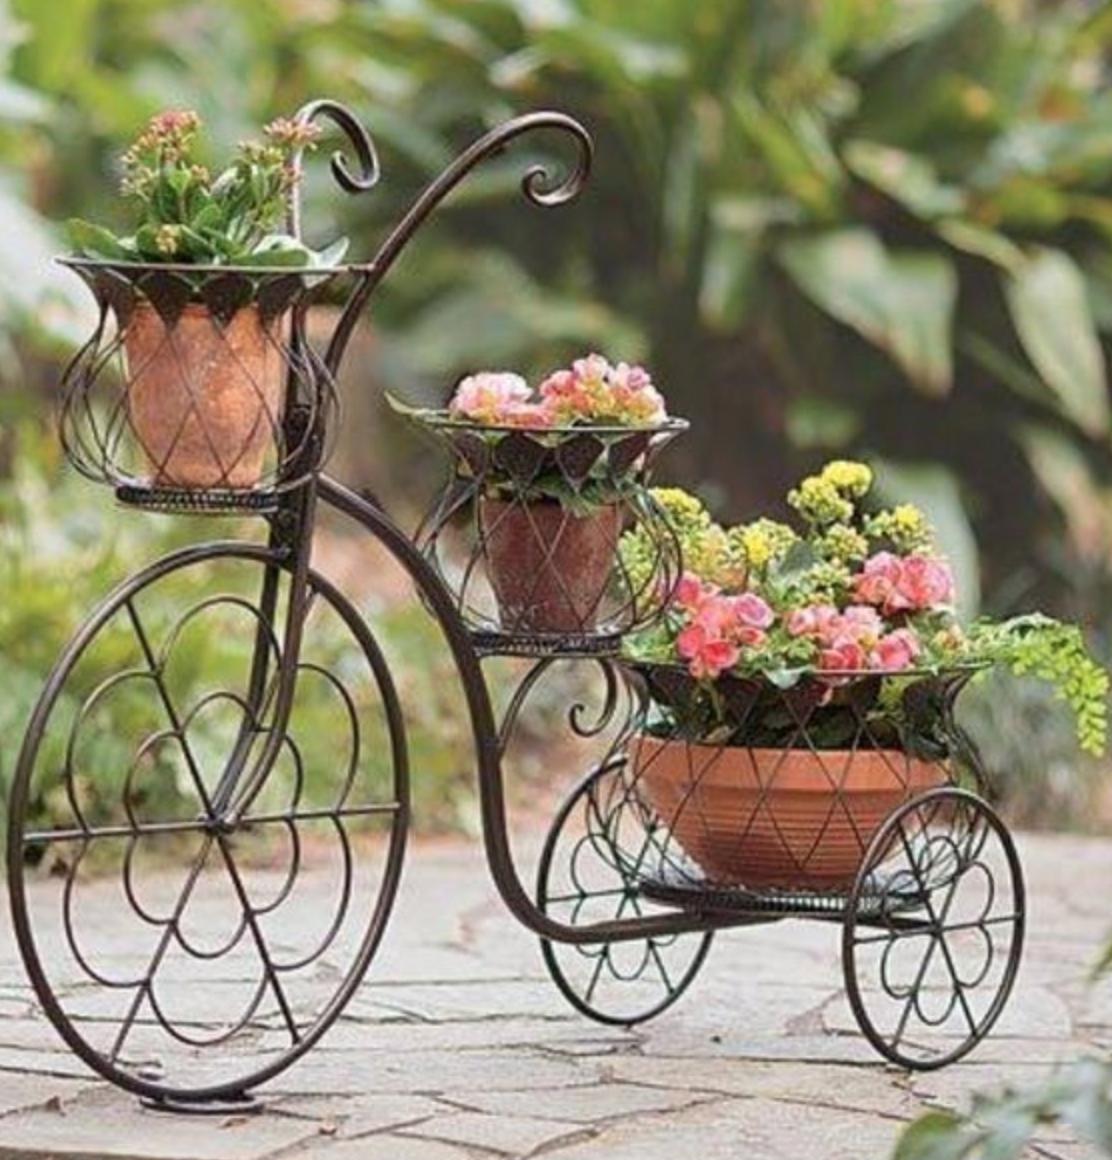 Décoration, Maison, Et, Jardin, En, Fer, Forgé, Meubles ... dedans Decoration De Jardin En Fer Forgé